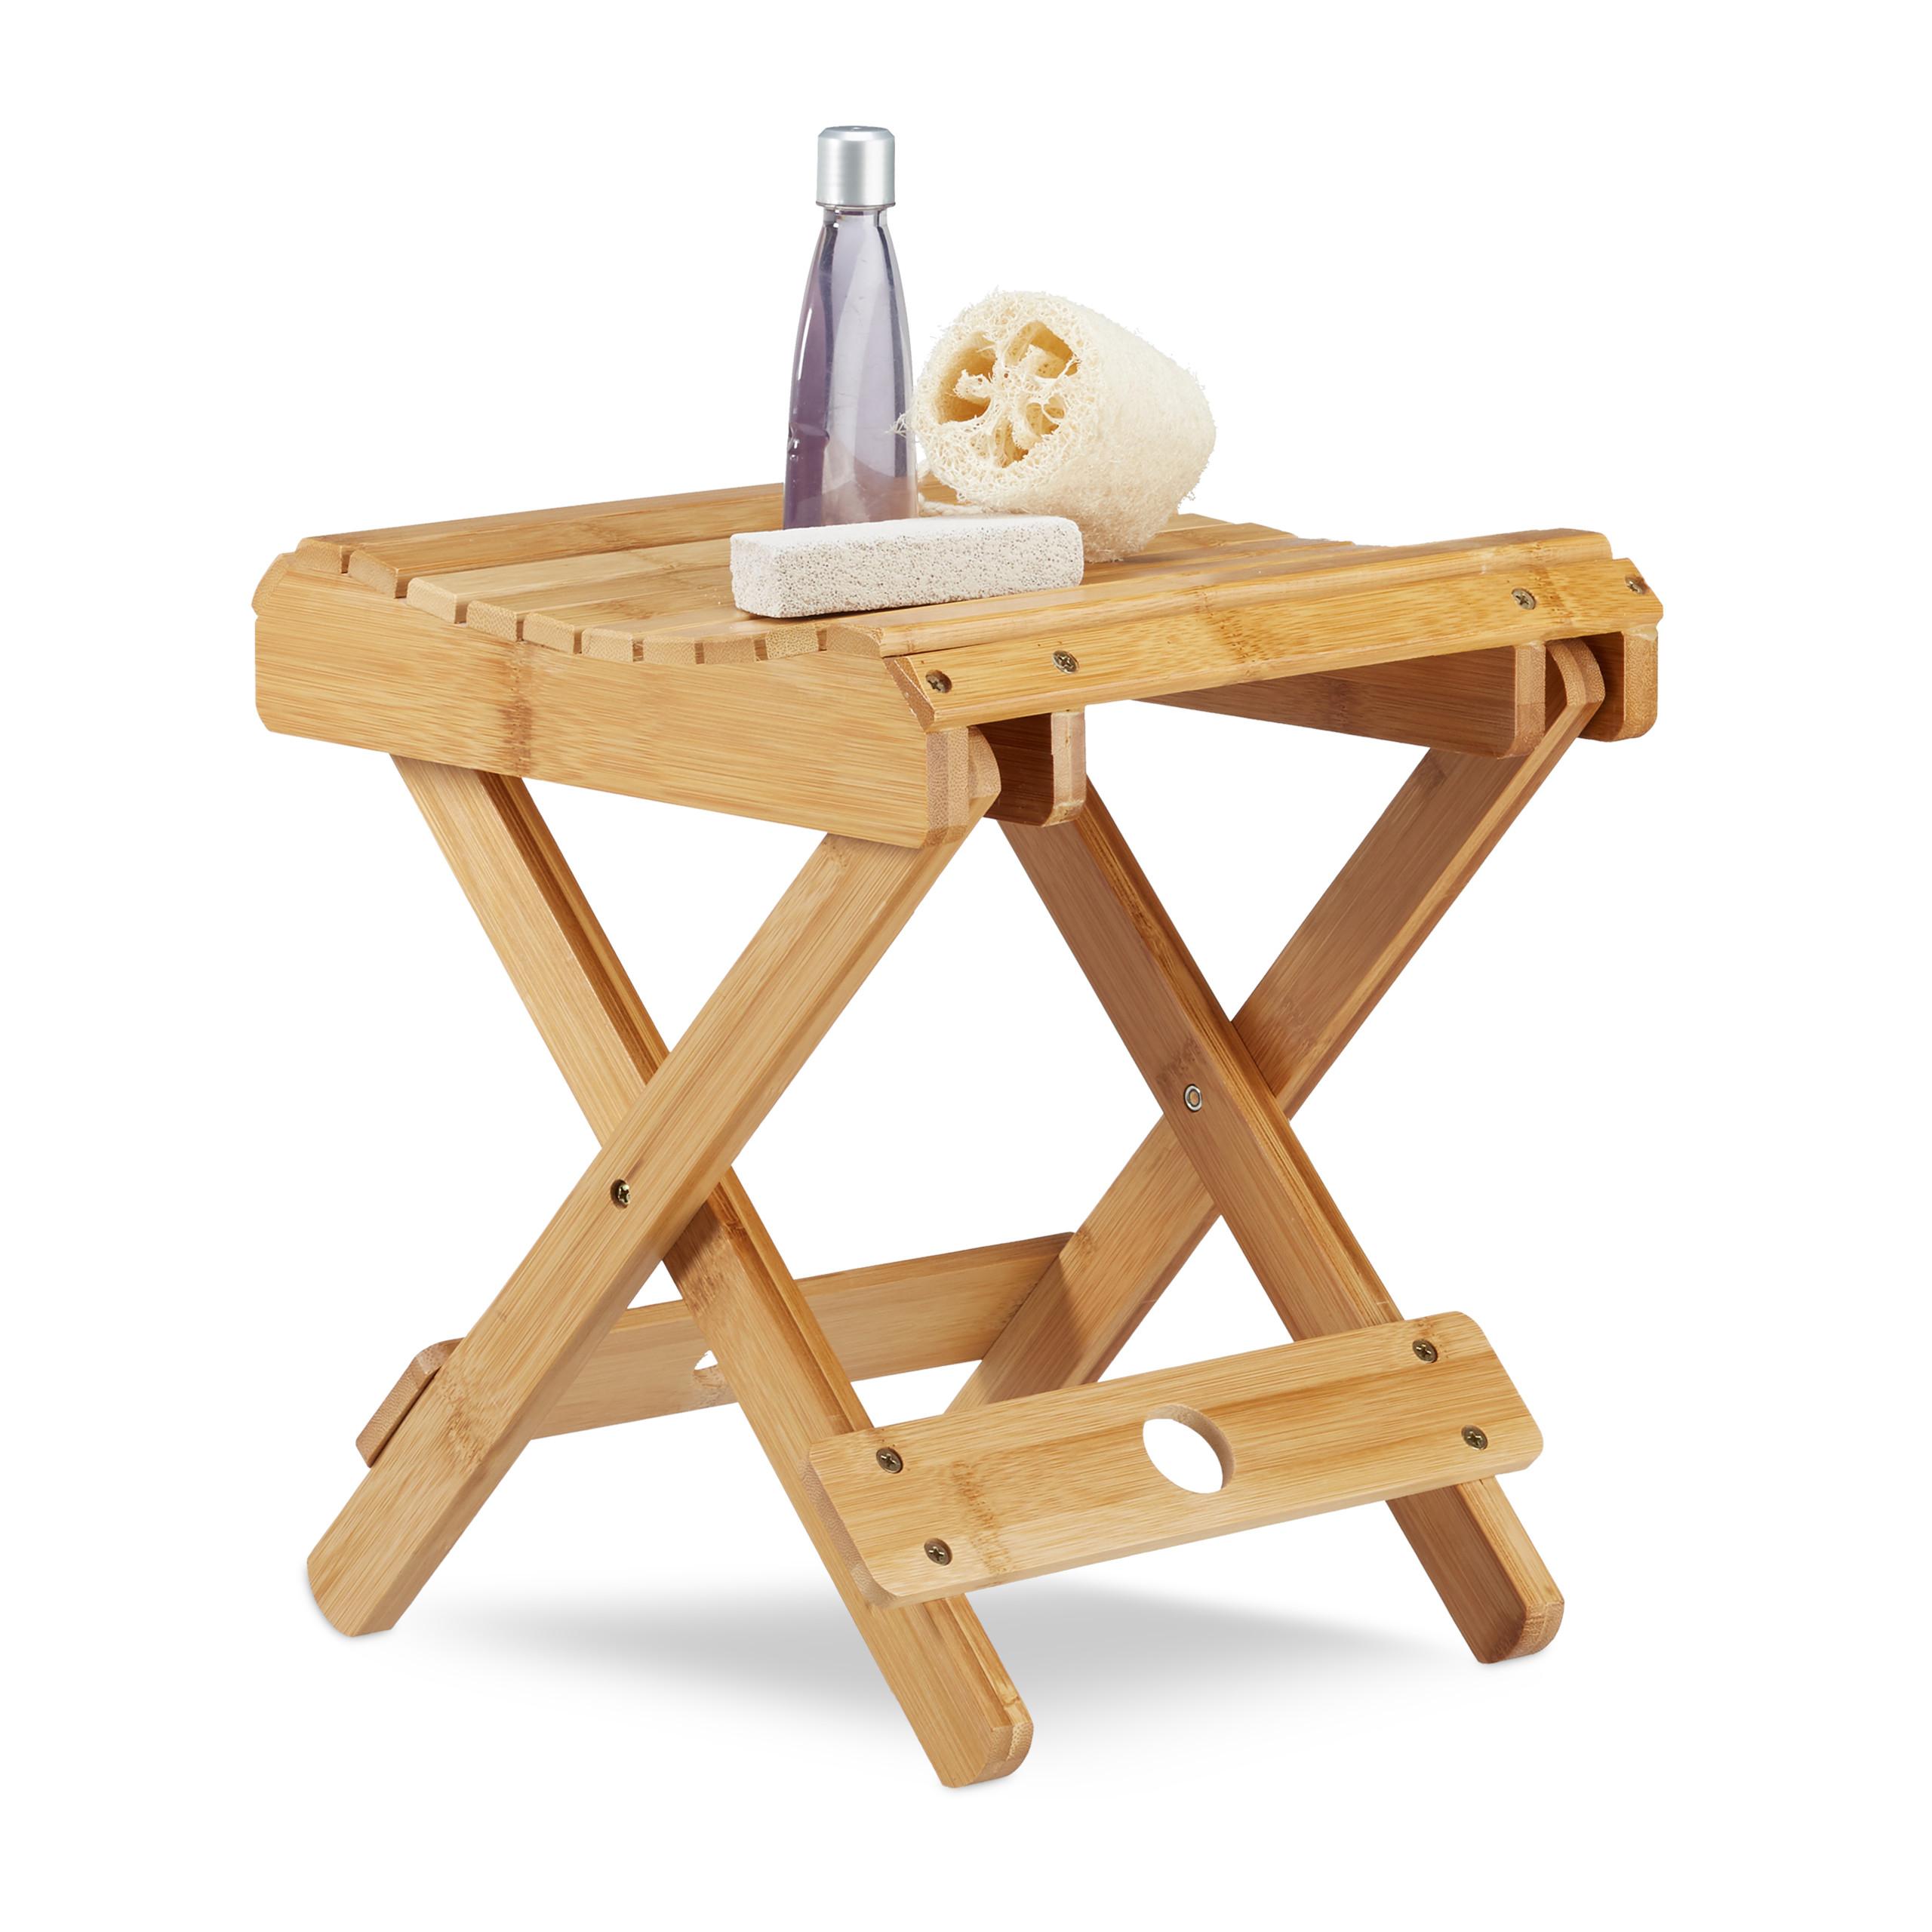 tabouret pliant bambou repose pied salle de bain petite sellette d co nature ebay. Black Bedroom Furniture Sets. Home Design Ideas